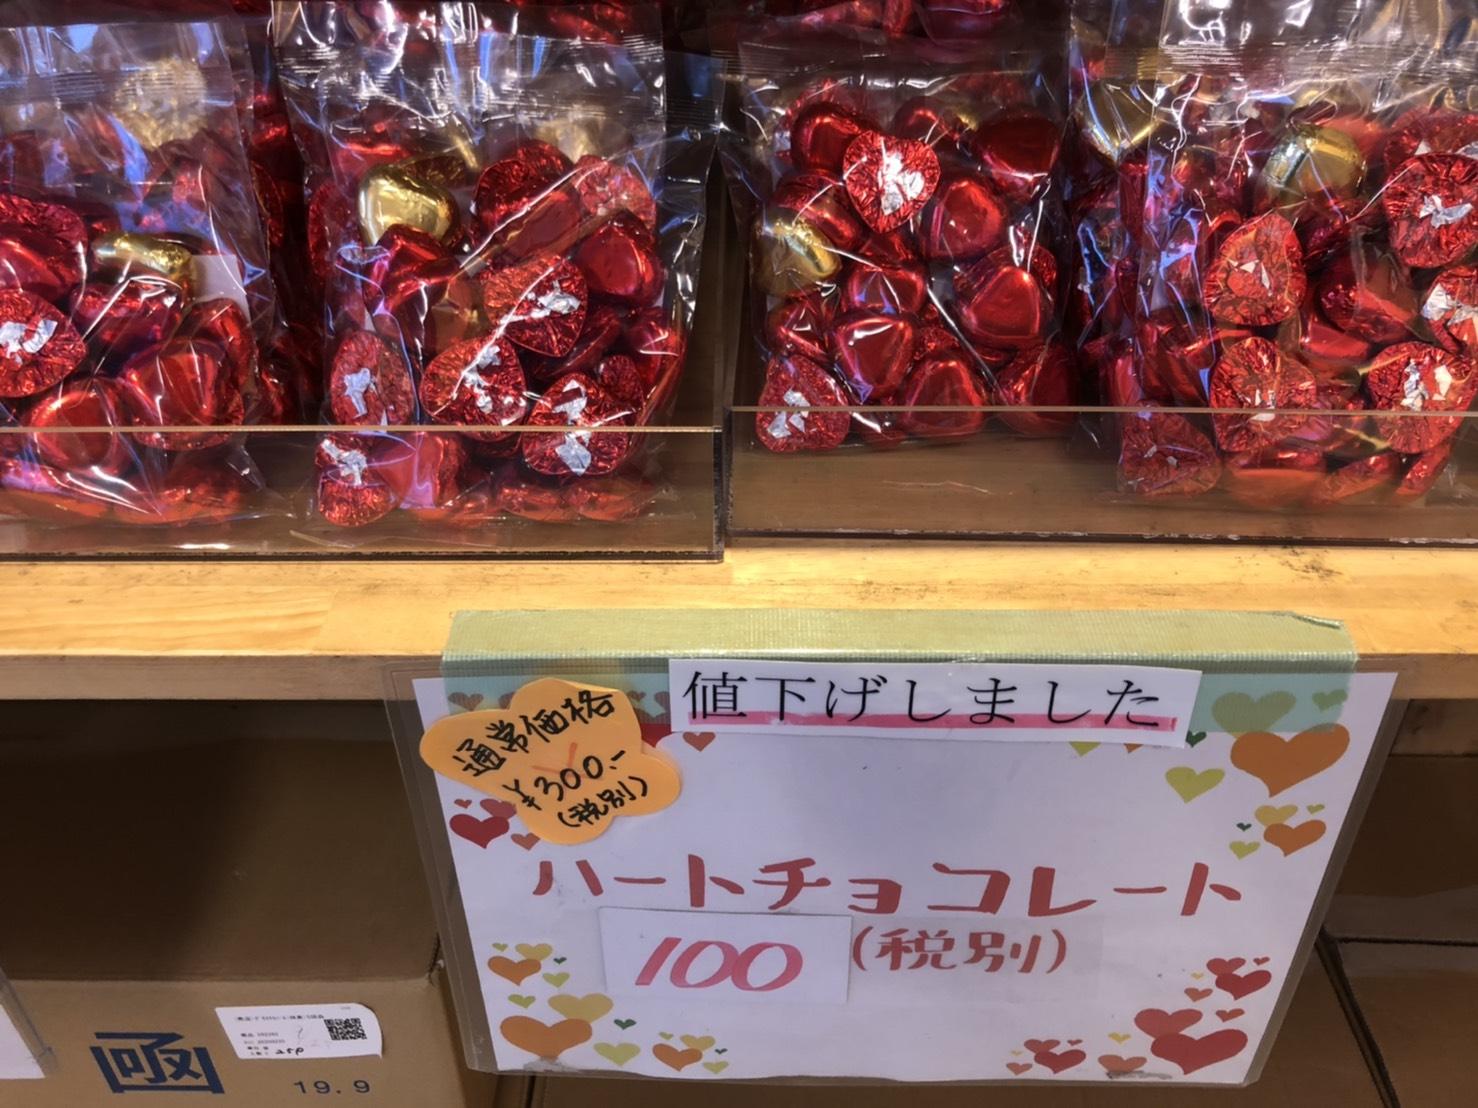 製菓 ショップ 平塚 ファクトリー